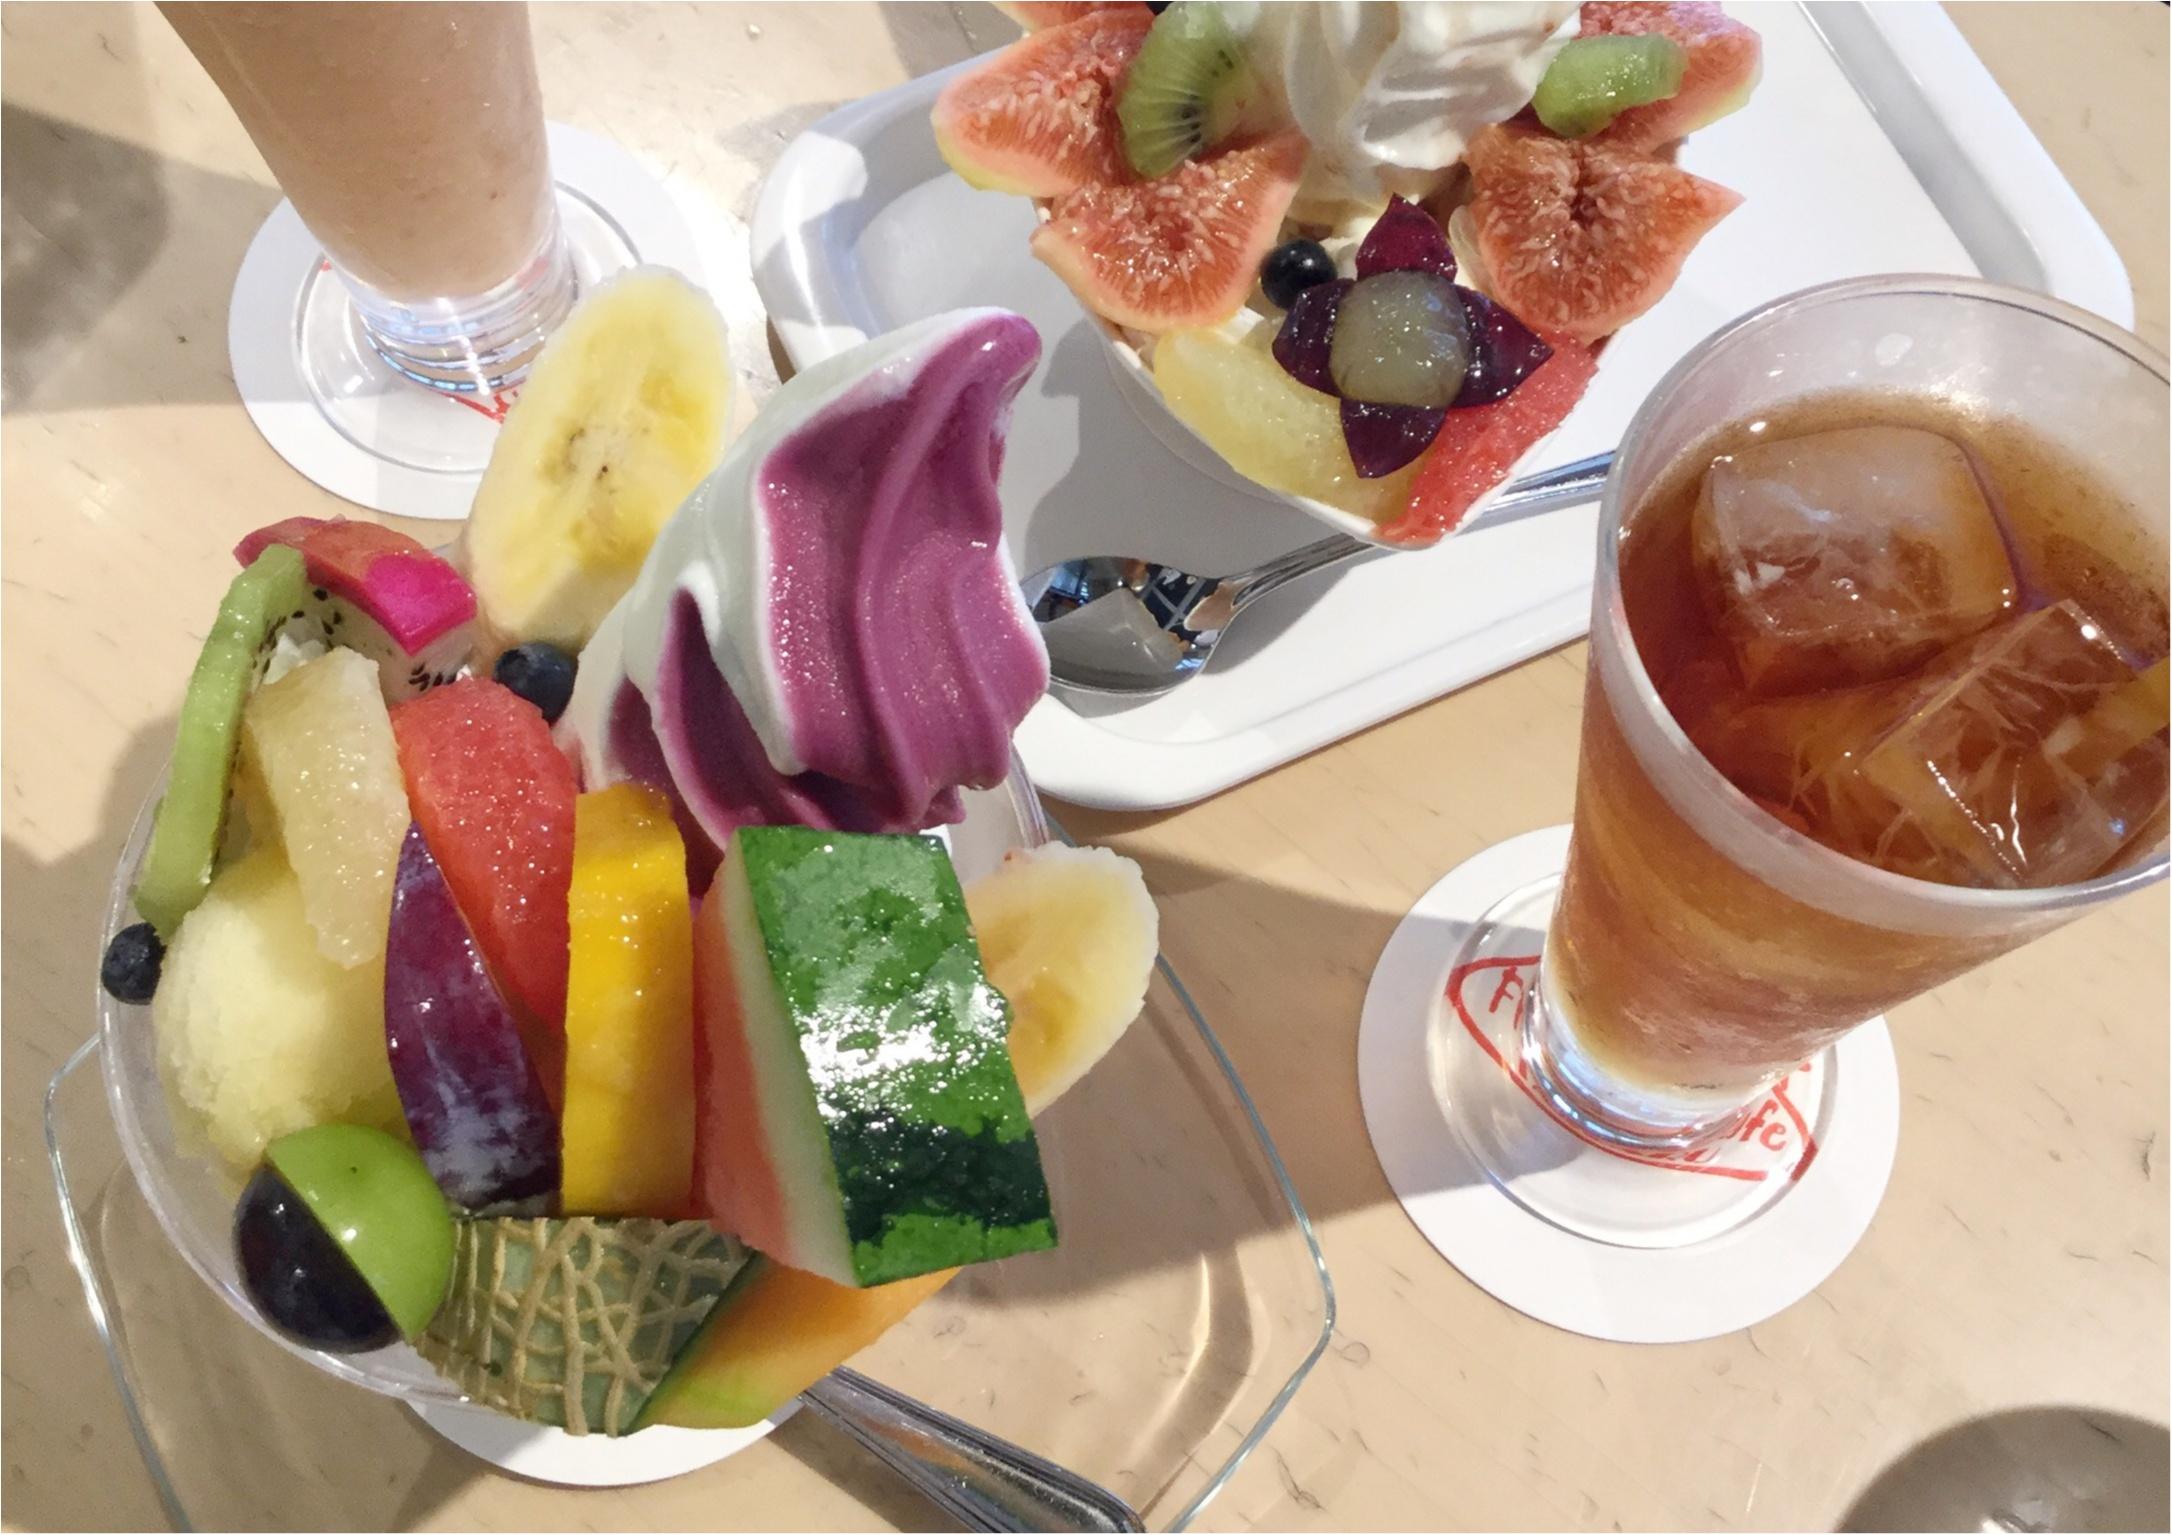 【ご当地スイーツ】広島に来たらやっぱり立ち寄りたい《Fruit Cafe TAMARU(タマル)》名物パフェ&季節限定いちじくパフェを召し上がれ♡_2